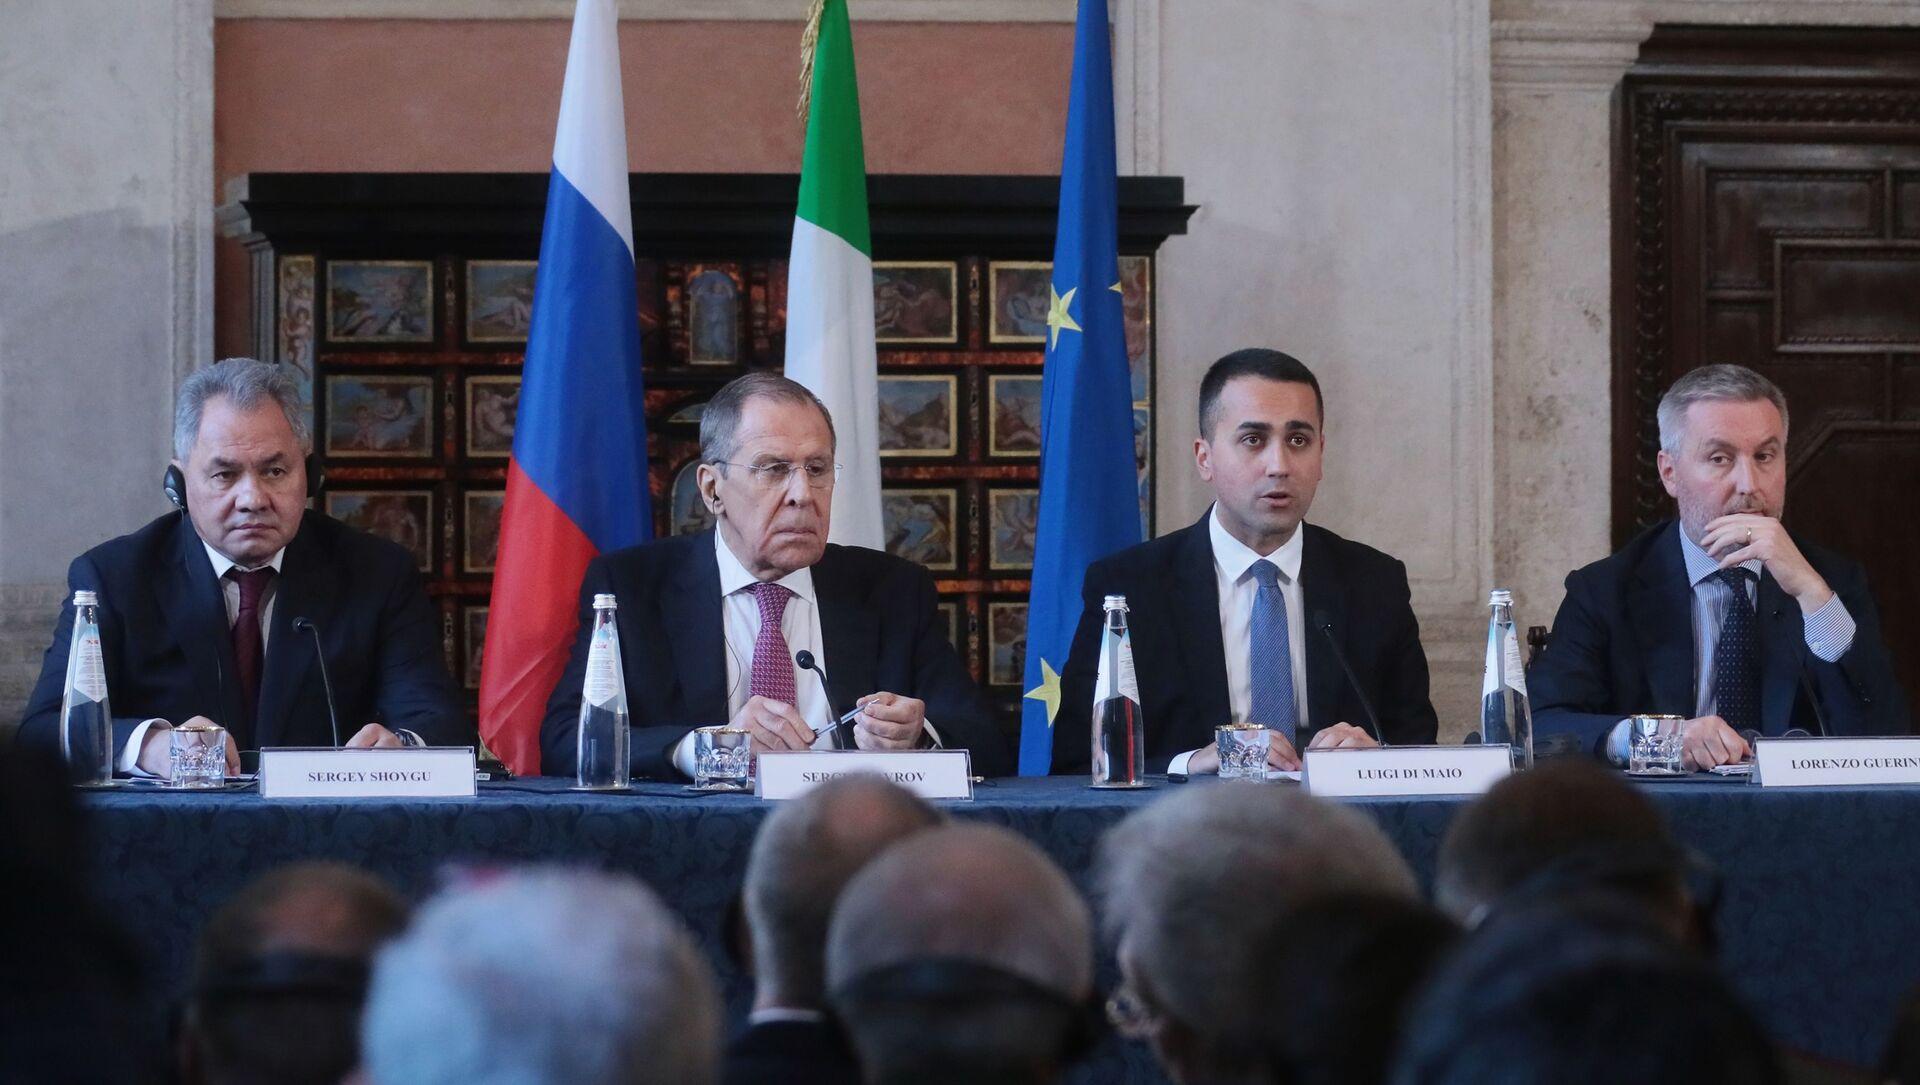 El canciller de Rusia, Serguéi Lavrov, y el el canciller italiano, Luigi Di Maio - Sputnik Mundo, 1920, 18.02.2020